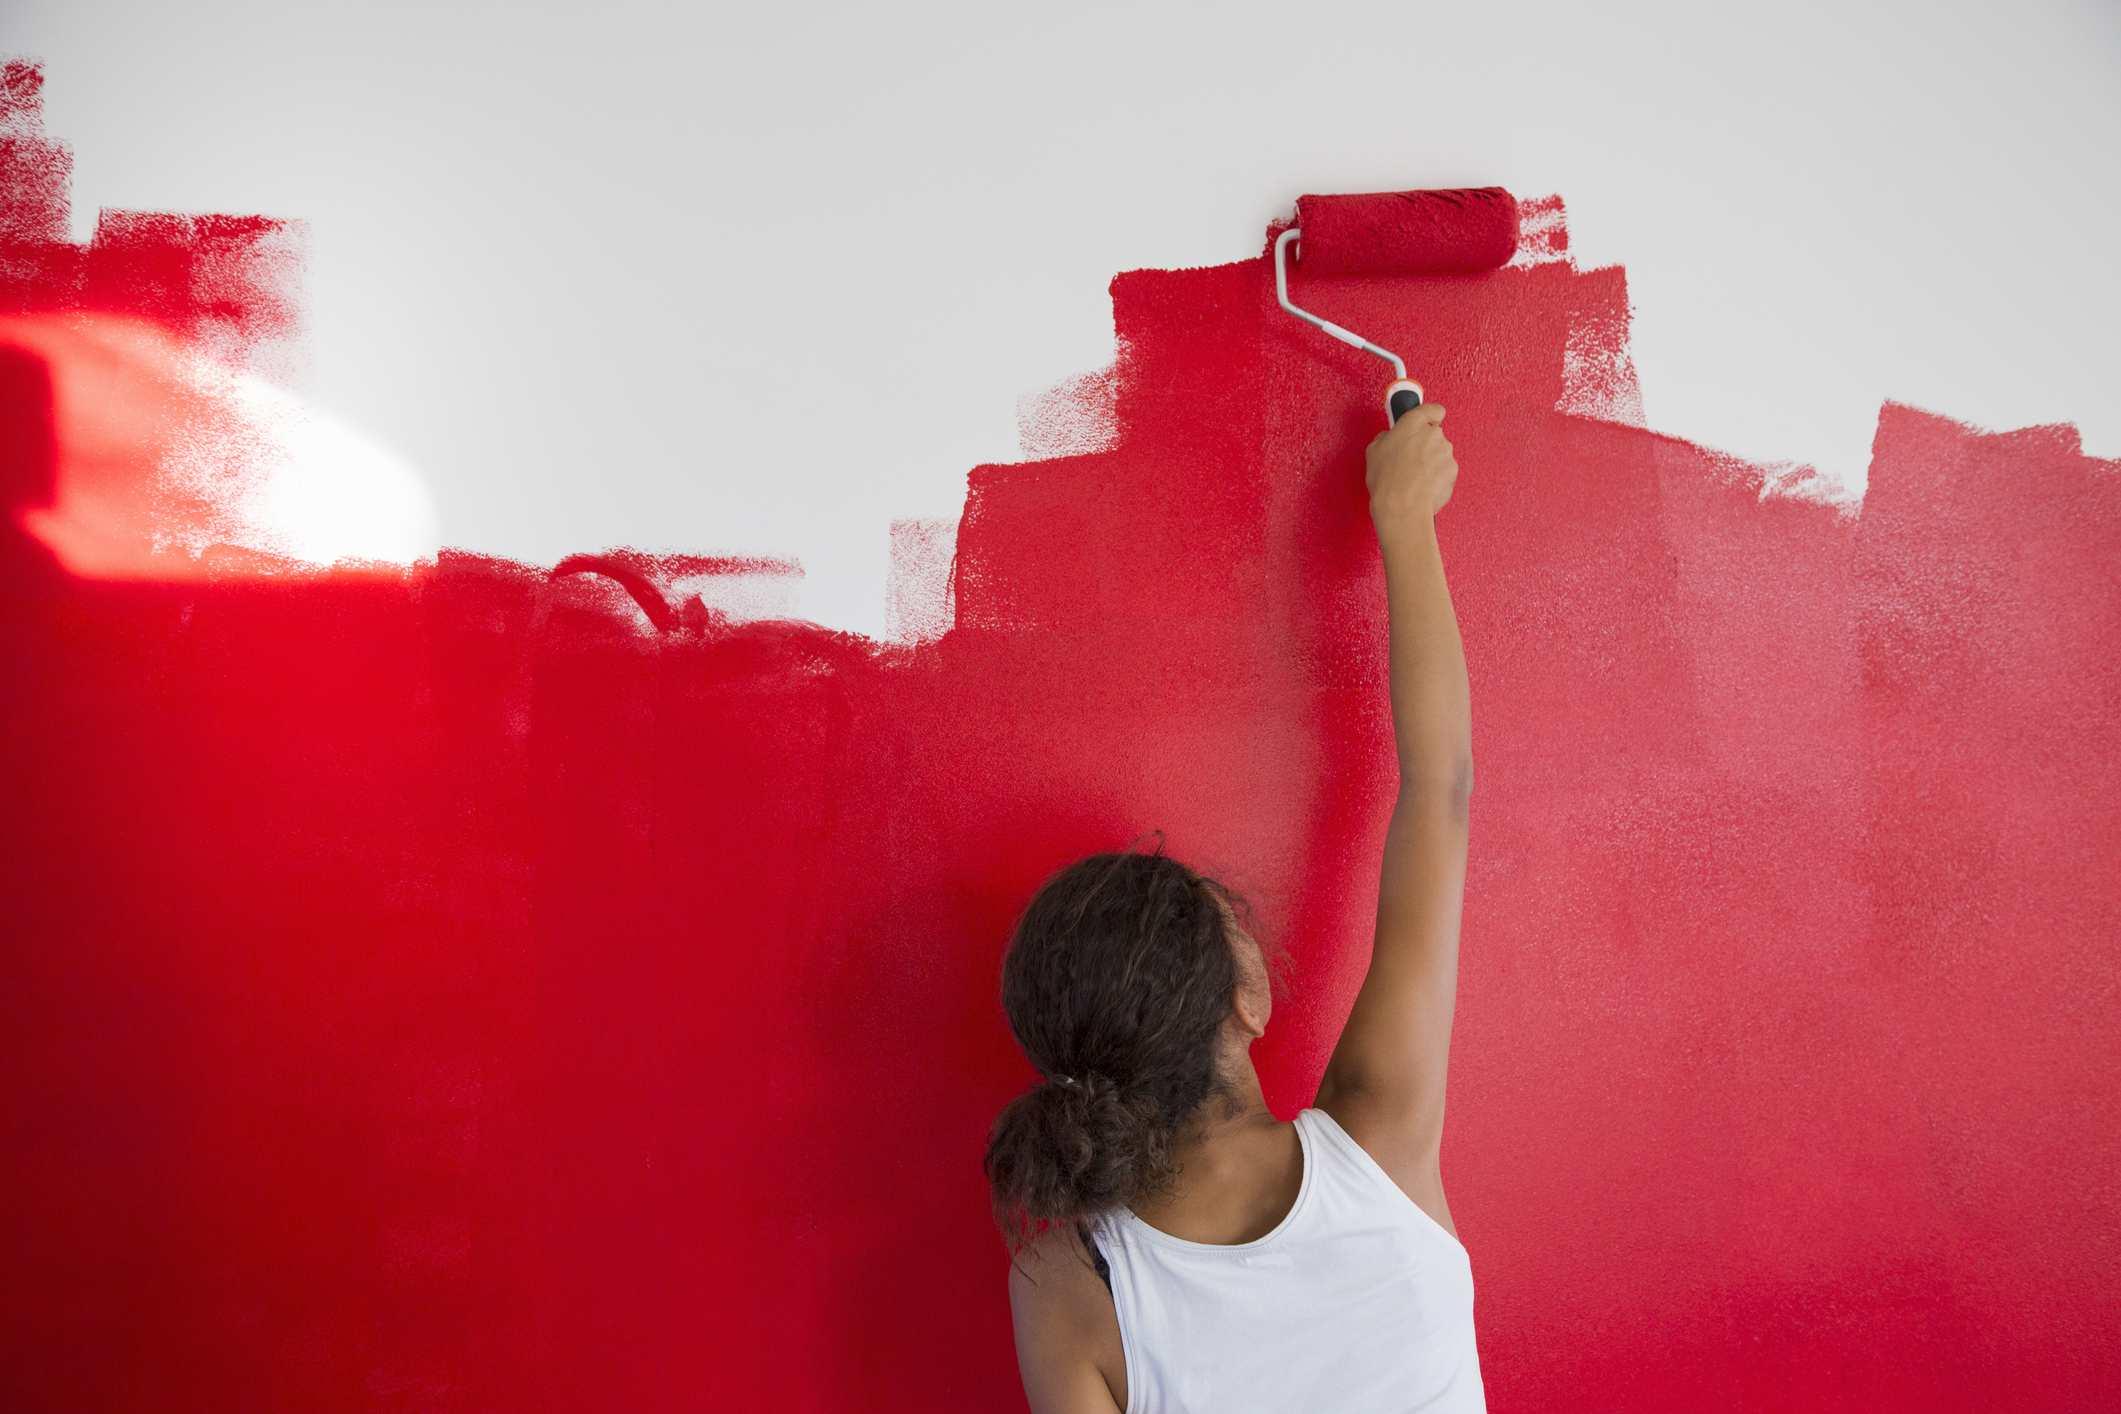 Vista posterior de una niña que pinta la pared roja con un rodillo de pintura